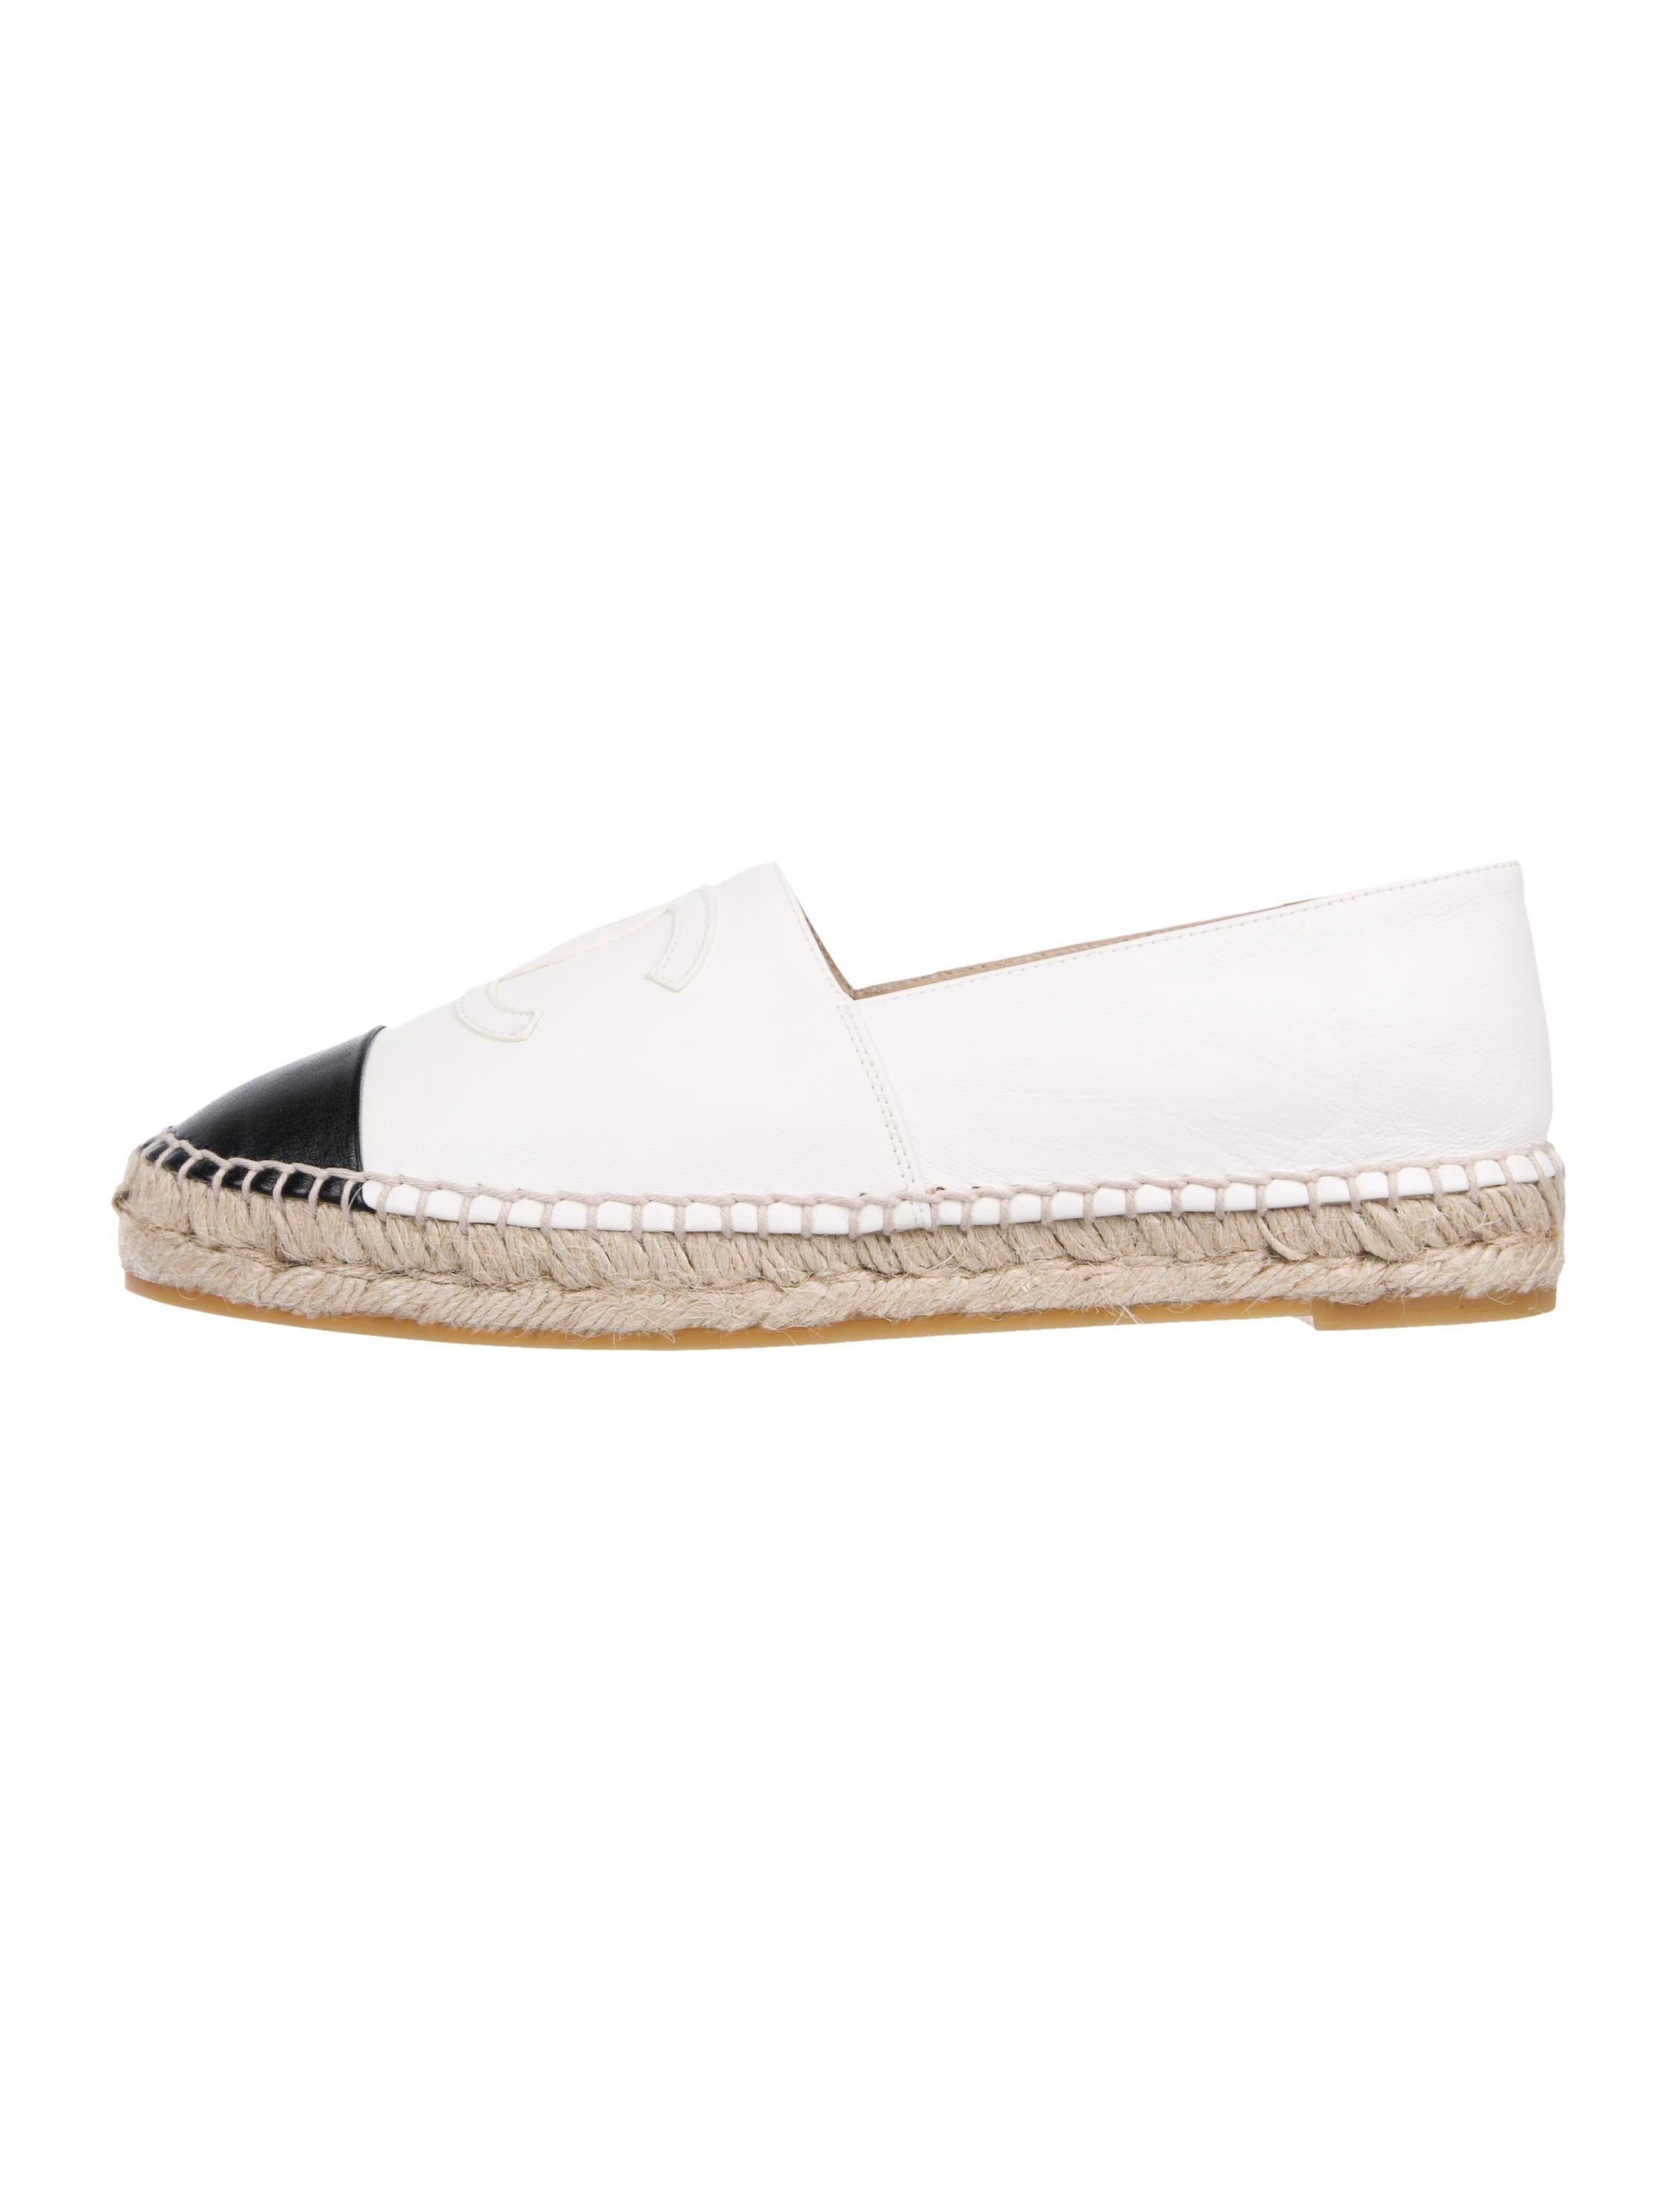 2f6683dd2c68 Shoes